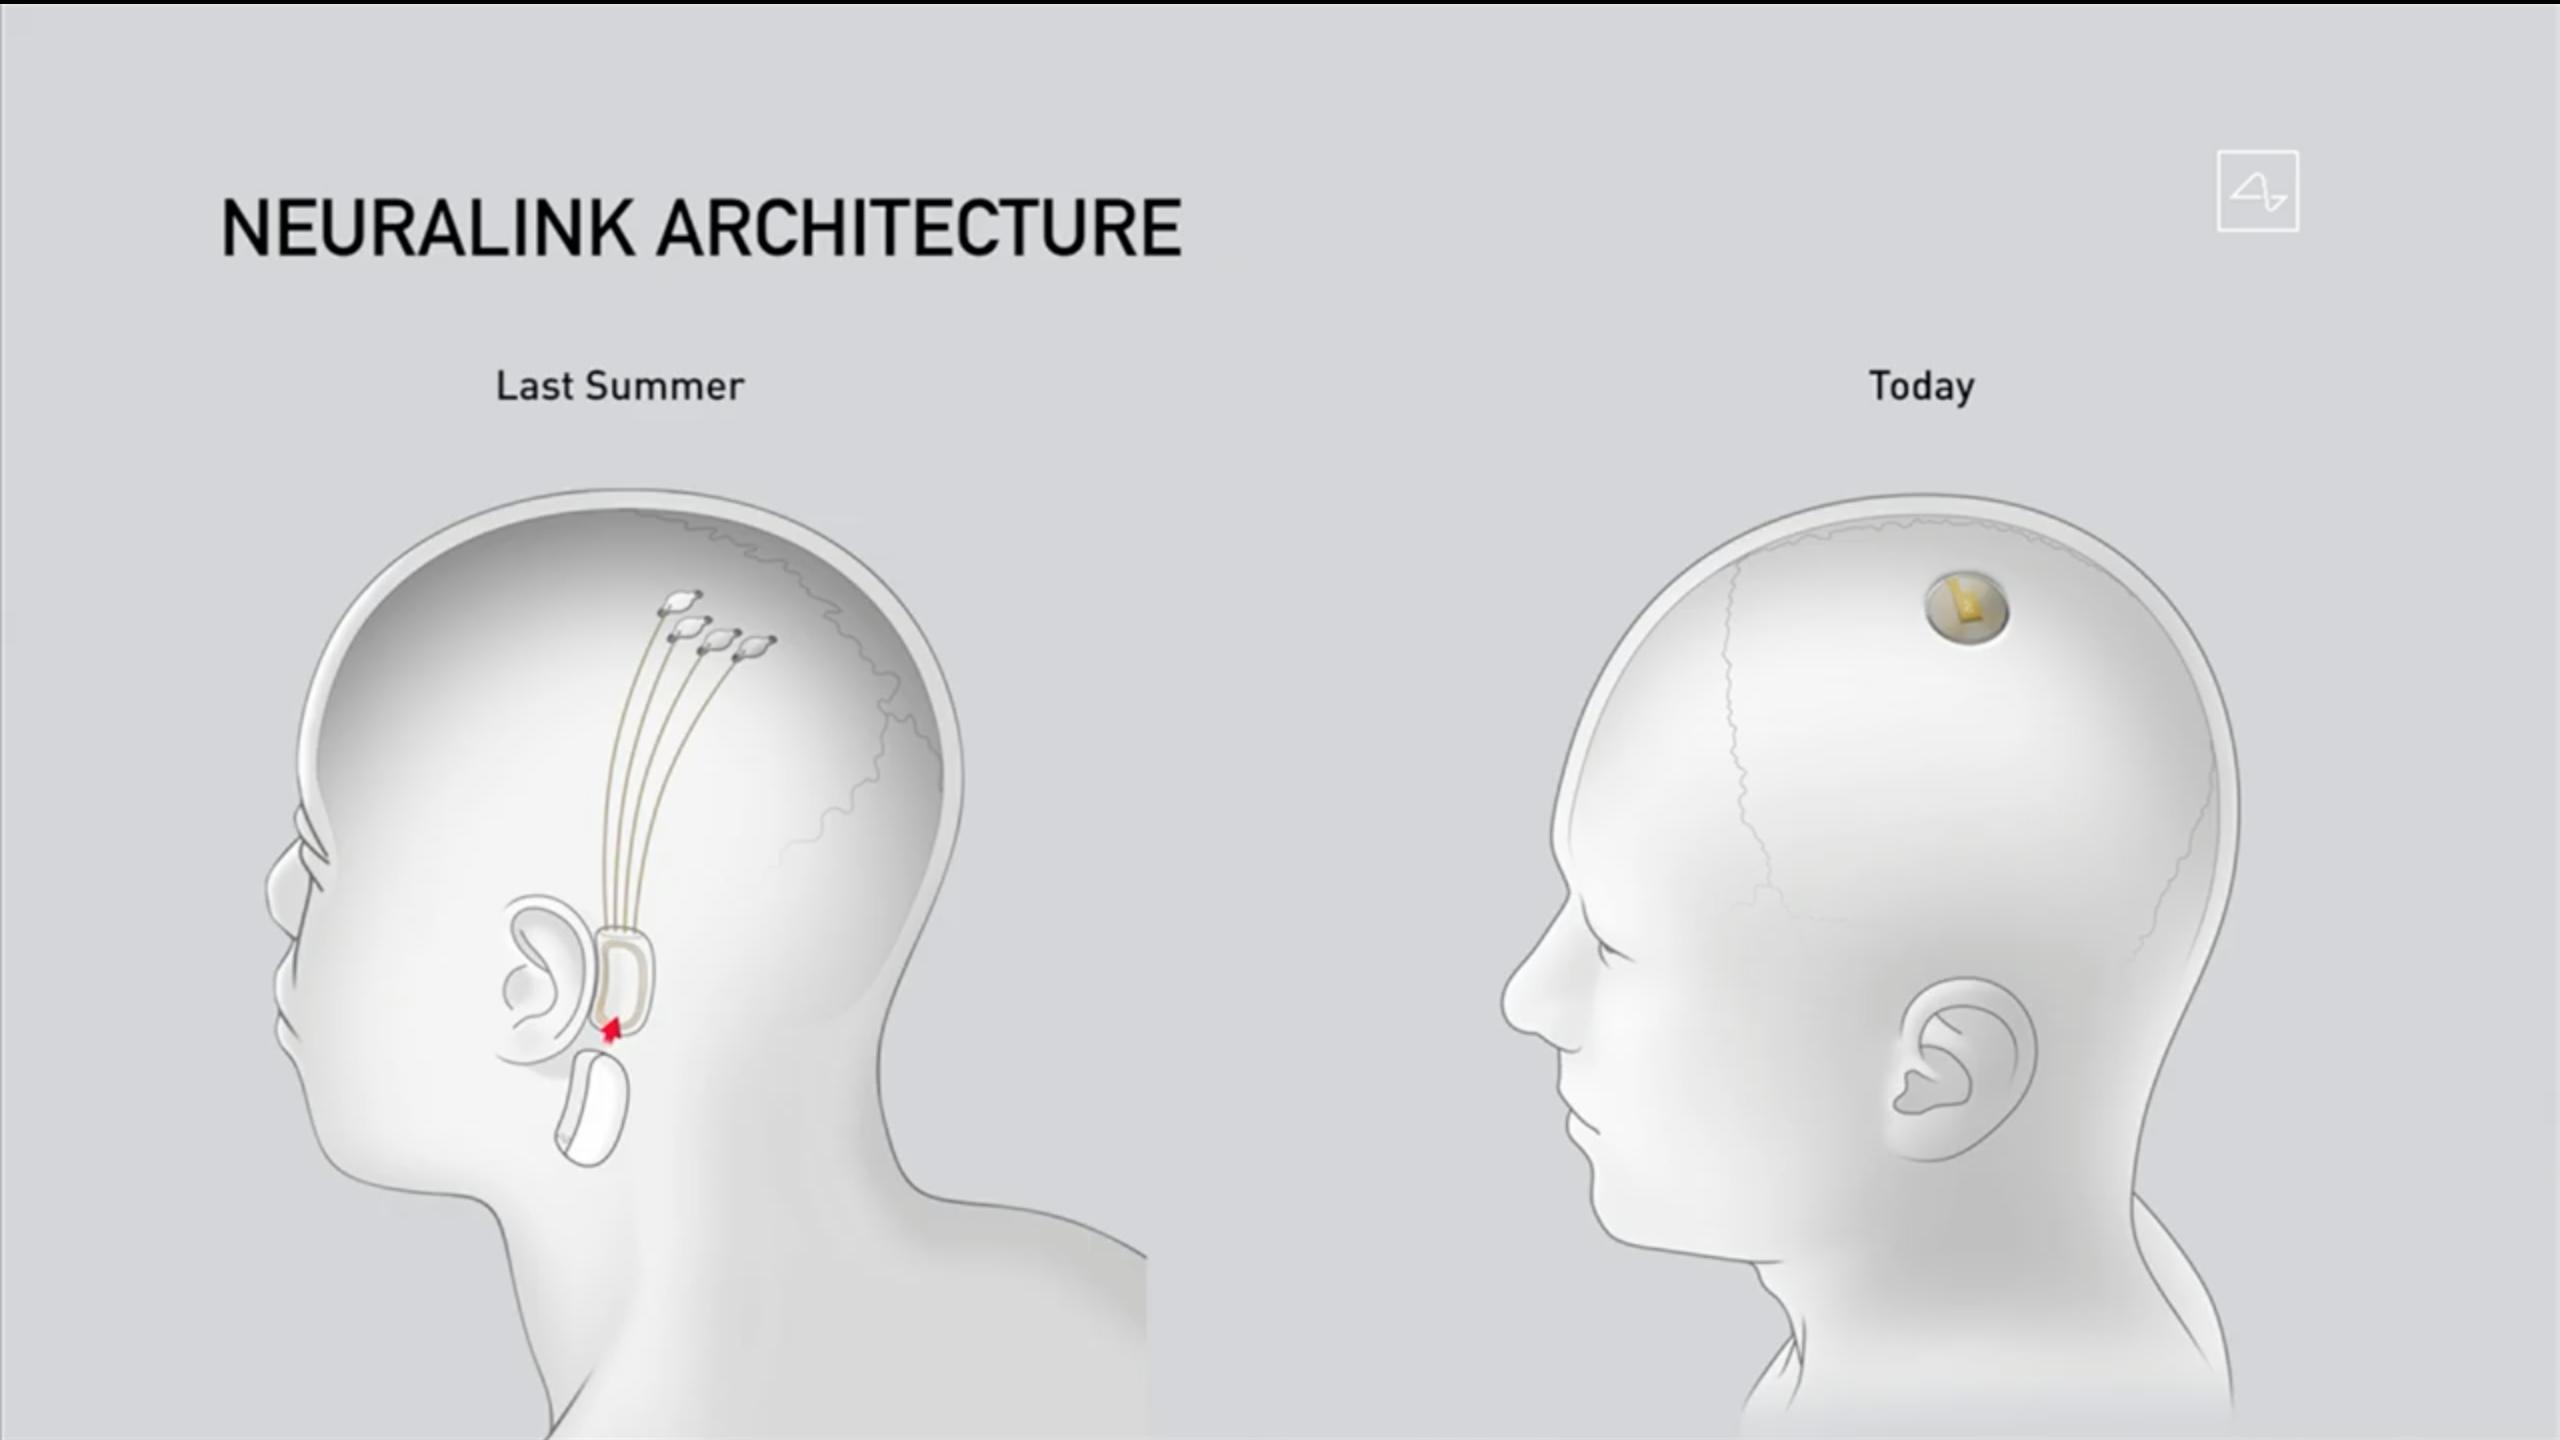 2019年展示的设备位于耳后(左),右侧为最新设备